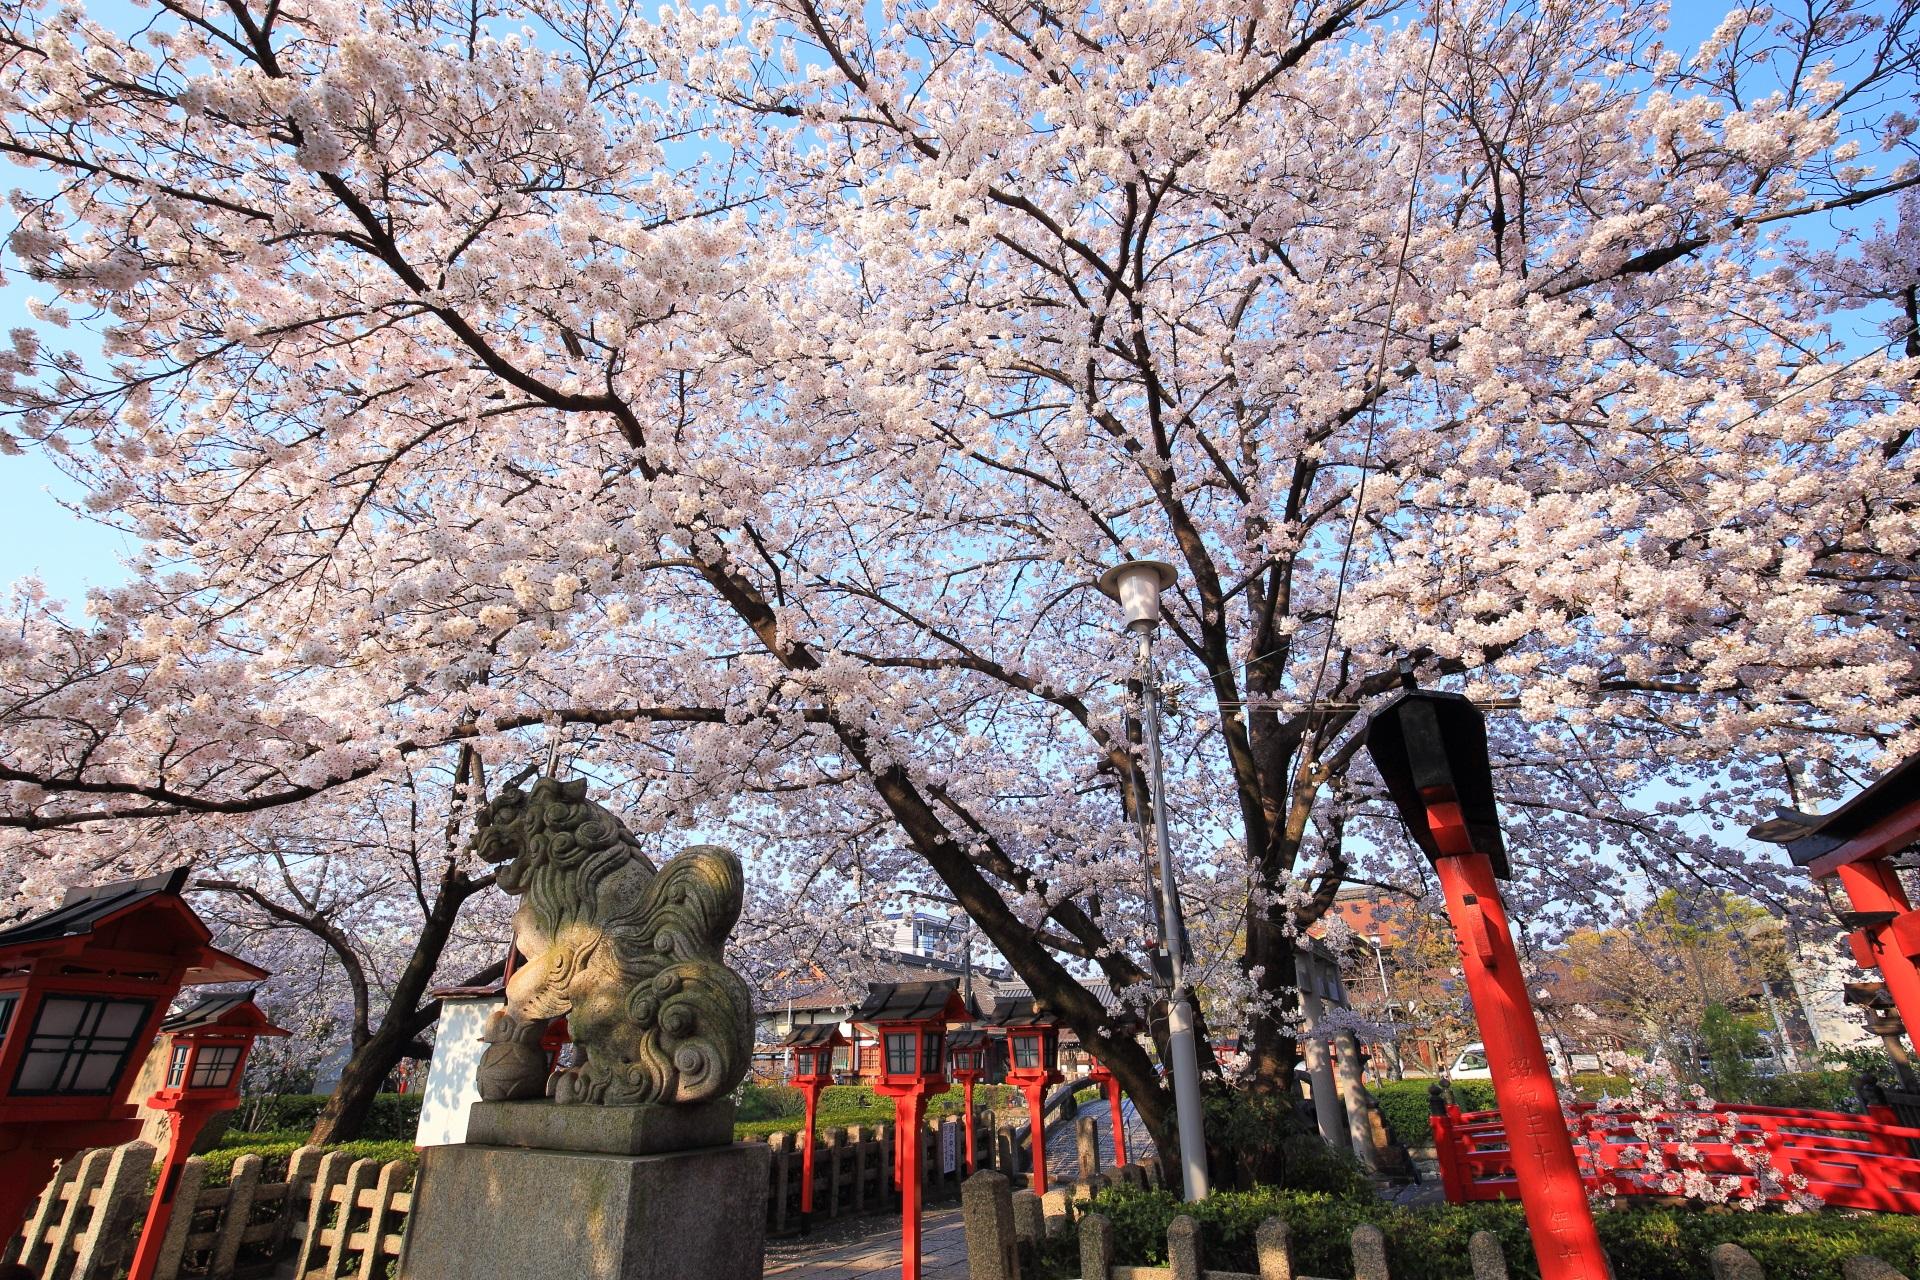 六孫王神社の快晴の空を彩る桜